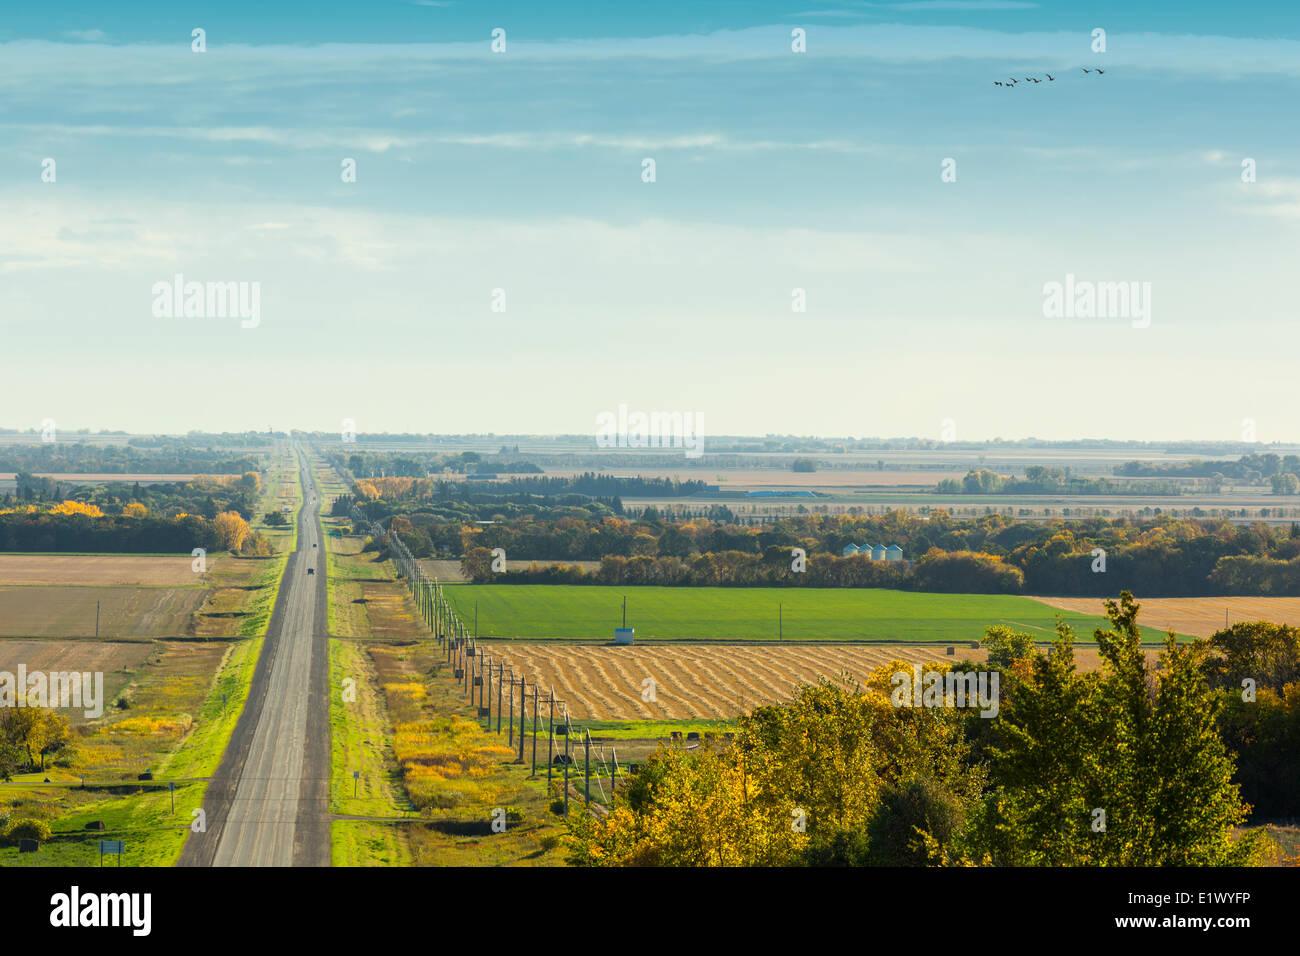 L'autoroute et de l'agriculture les champs, Thompson, Manitoba, Canada Photo Stock